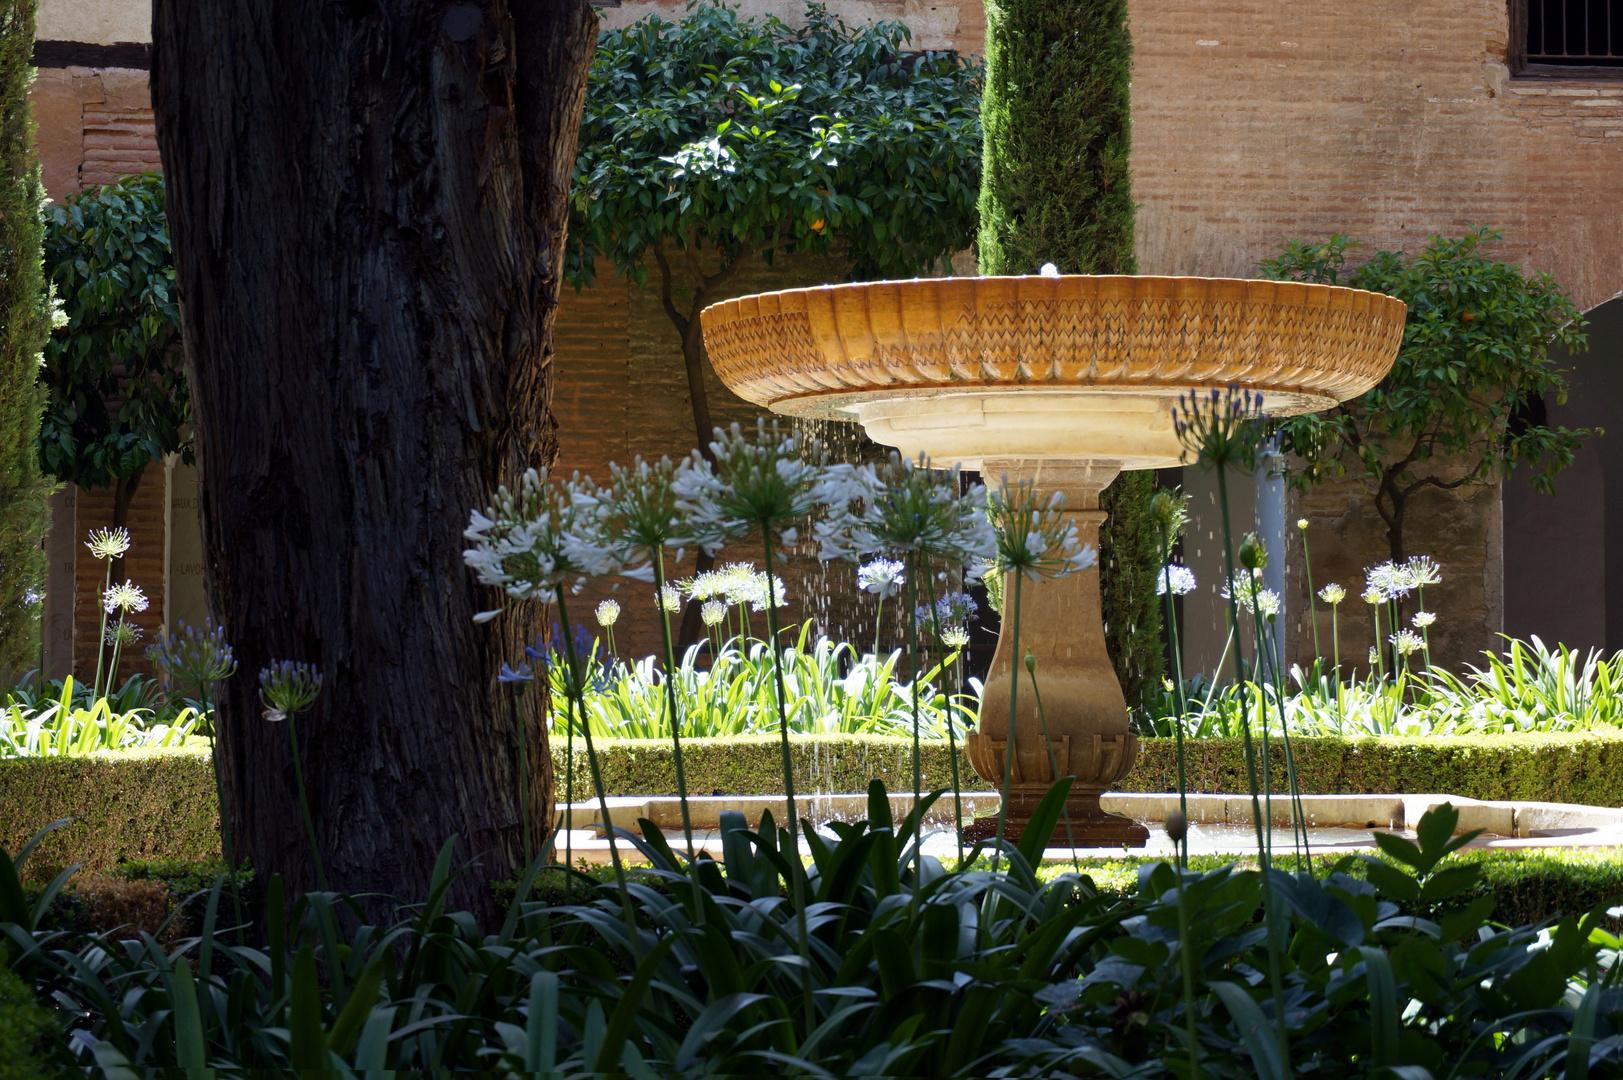 brunnen im garten der alhambra, granada foto & bild | europe, spain